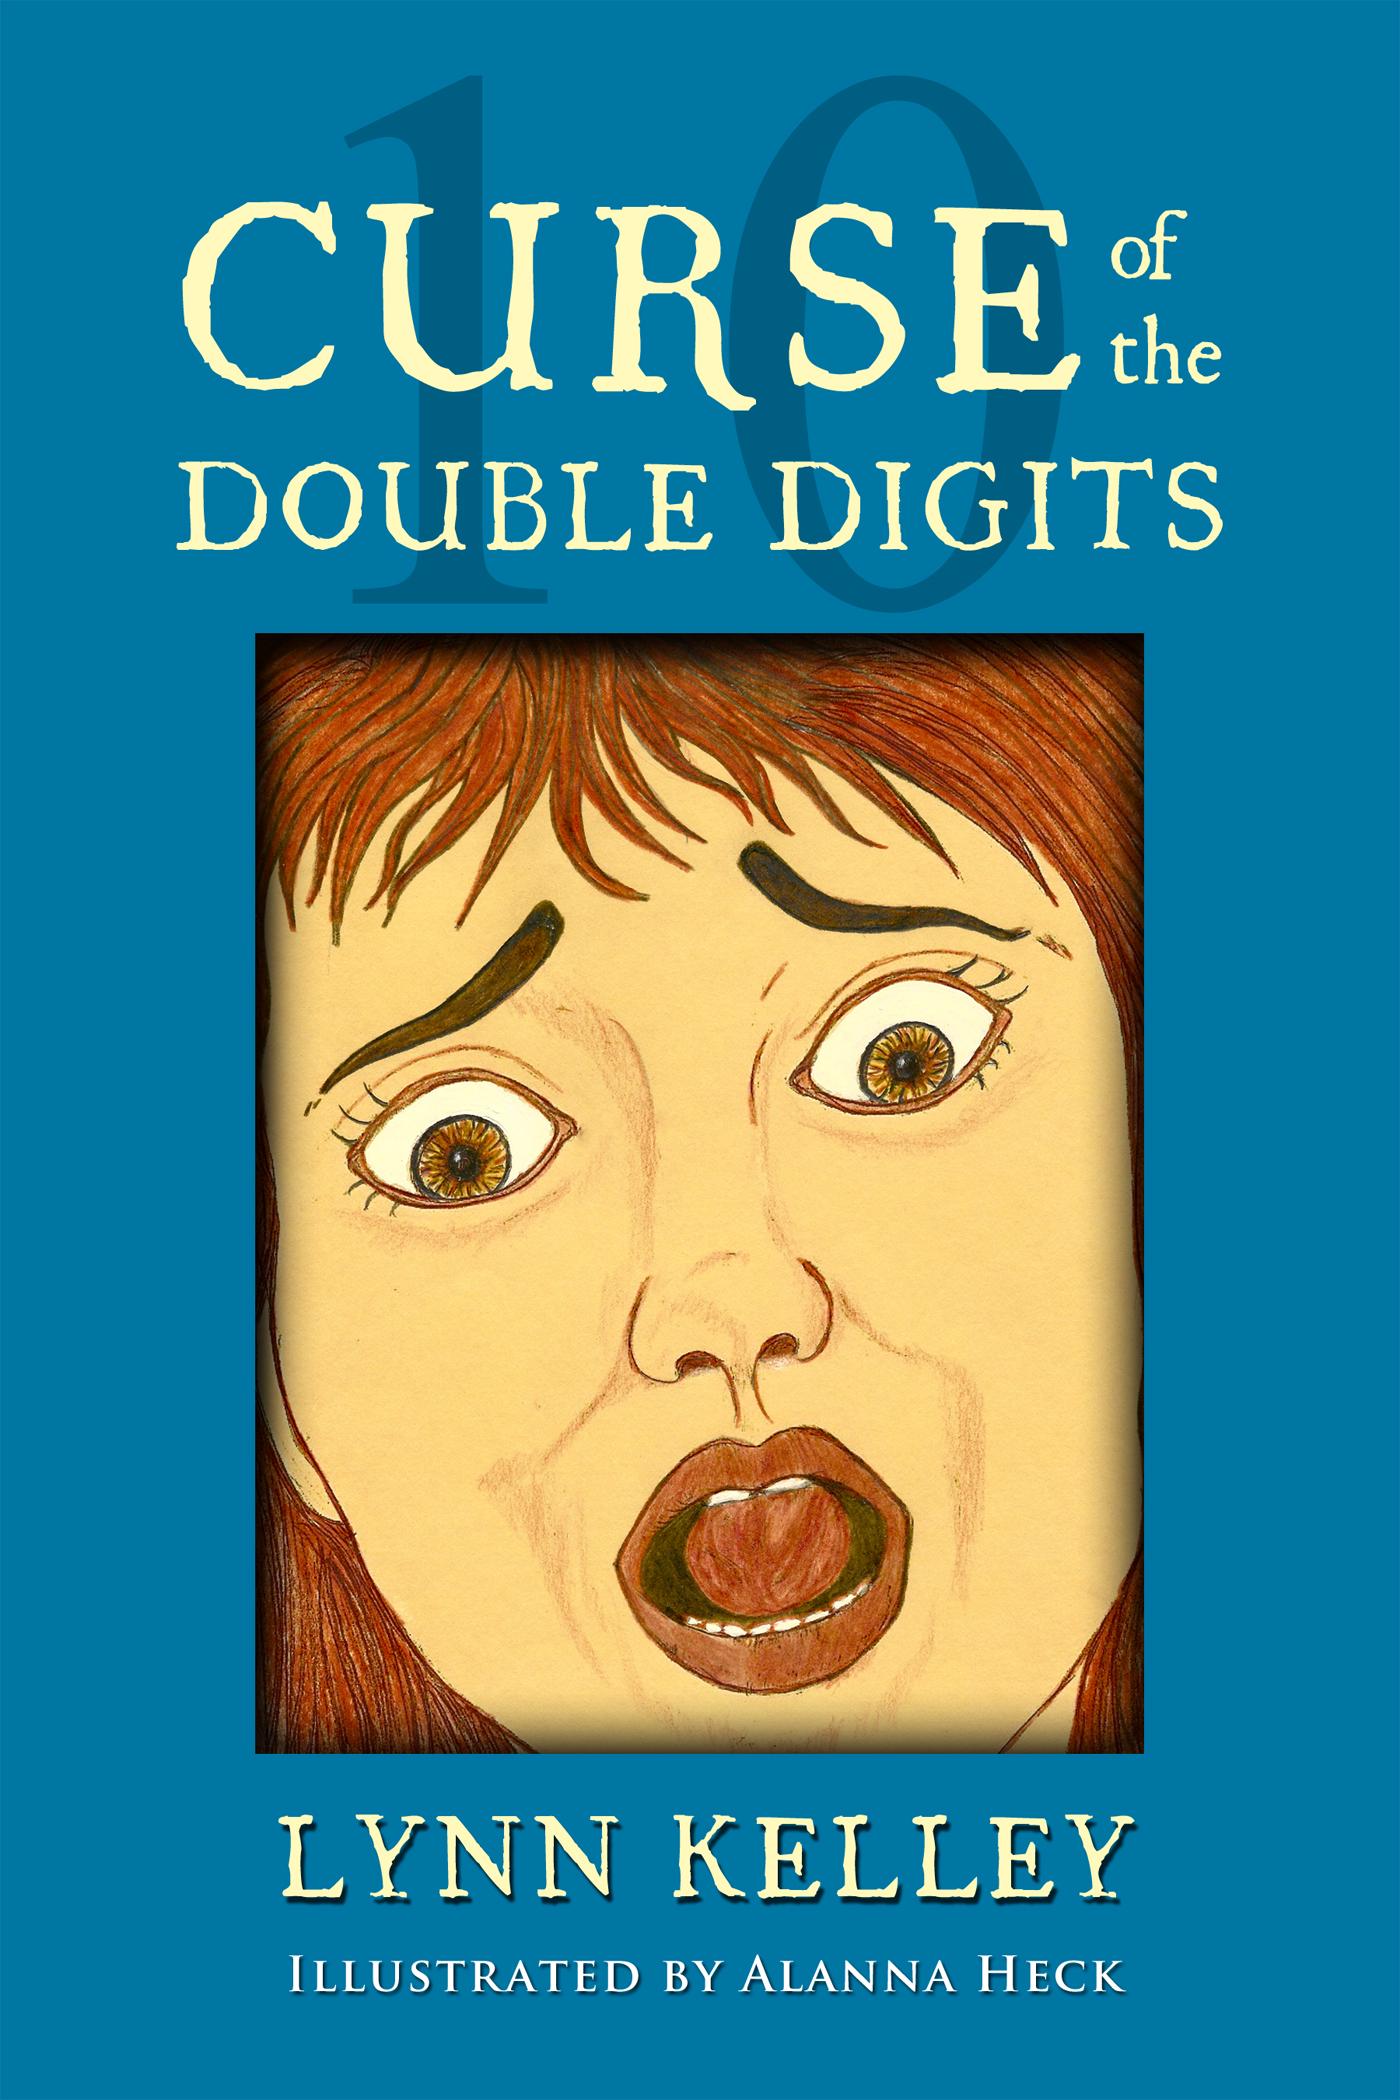 DoubleDigitsFINAL-1